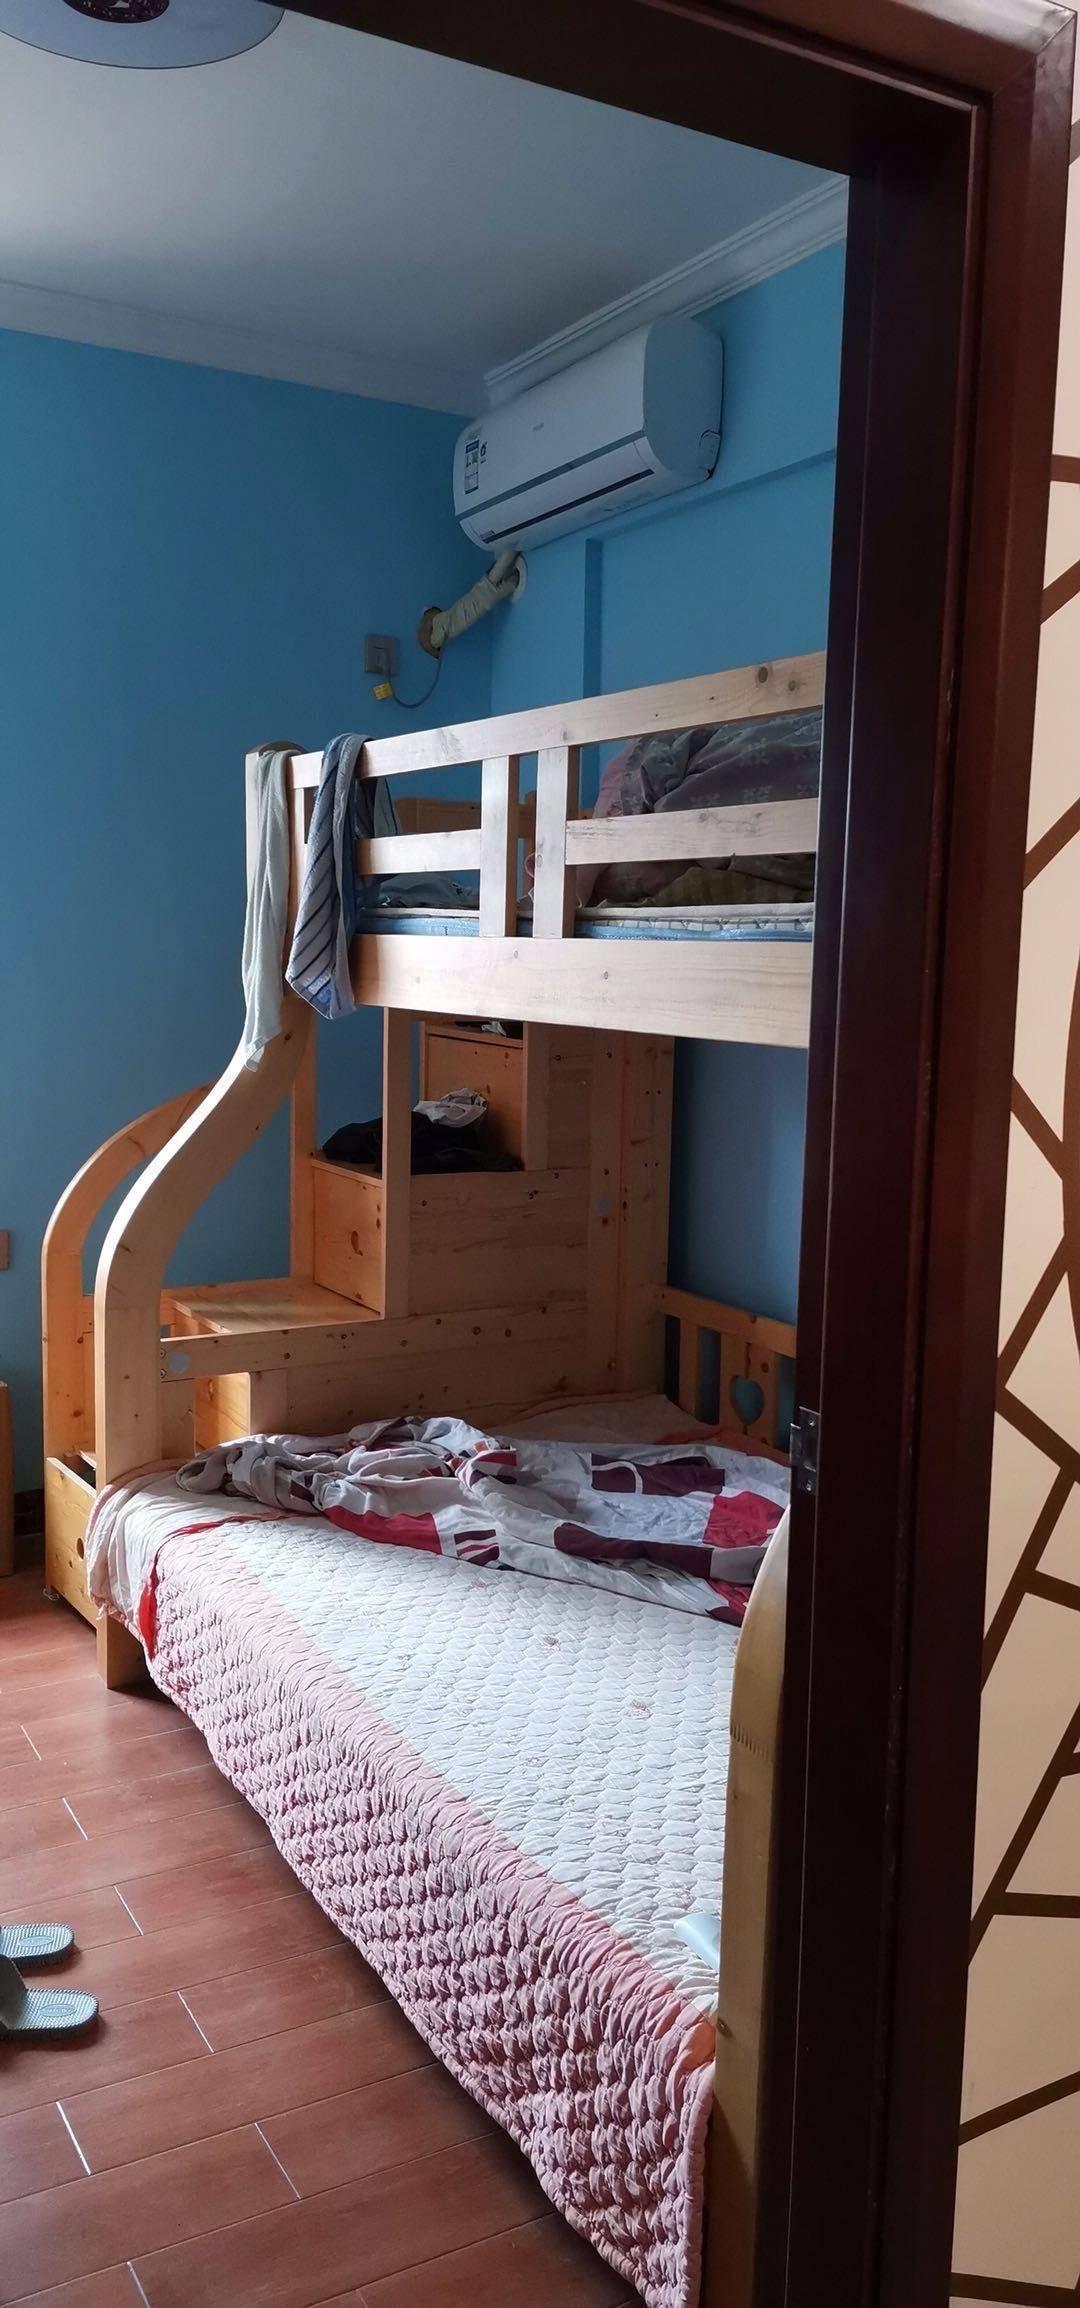 华轩居二期精装修三房出租,家私家电几乎全新,拎包入住